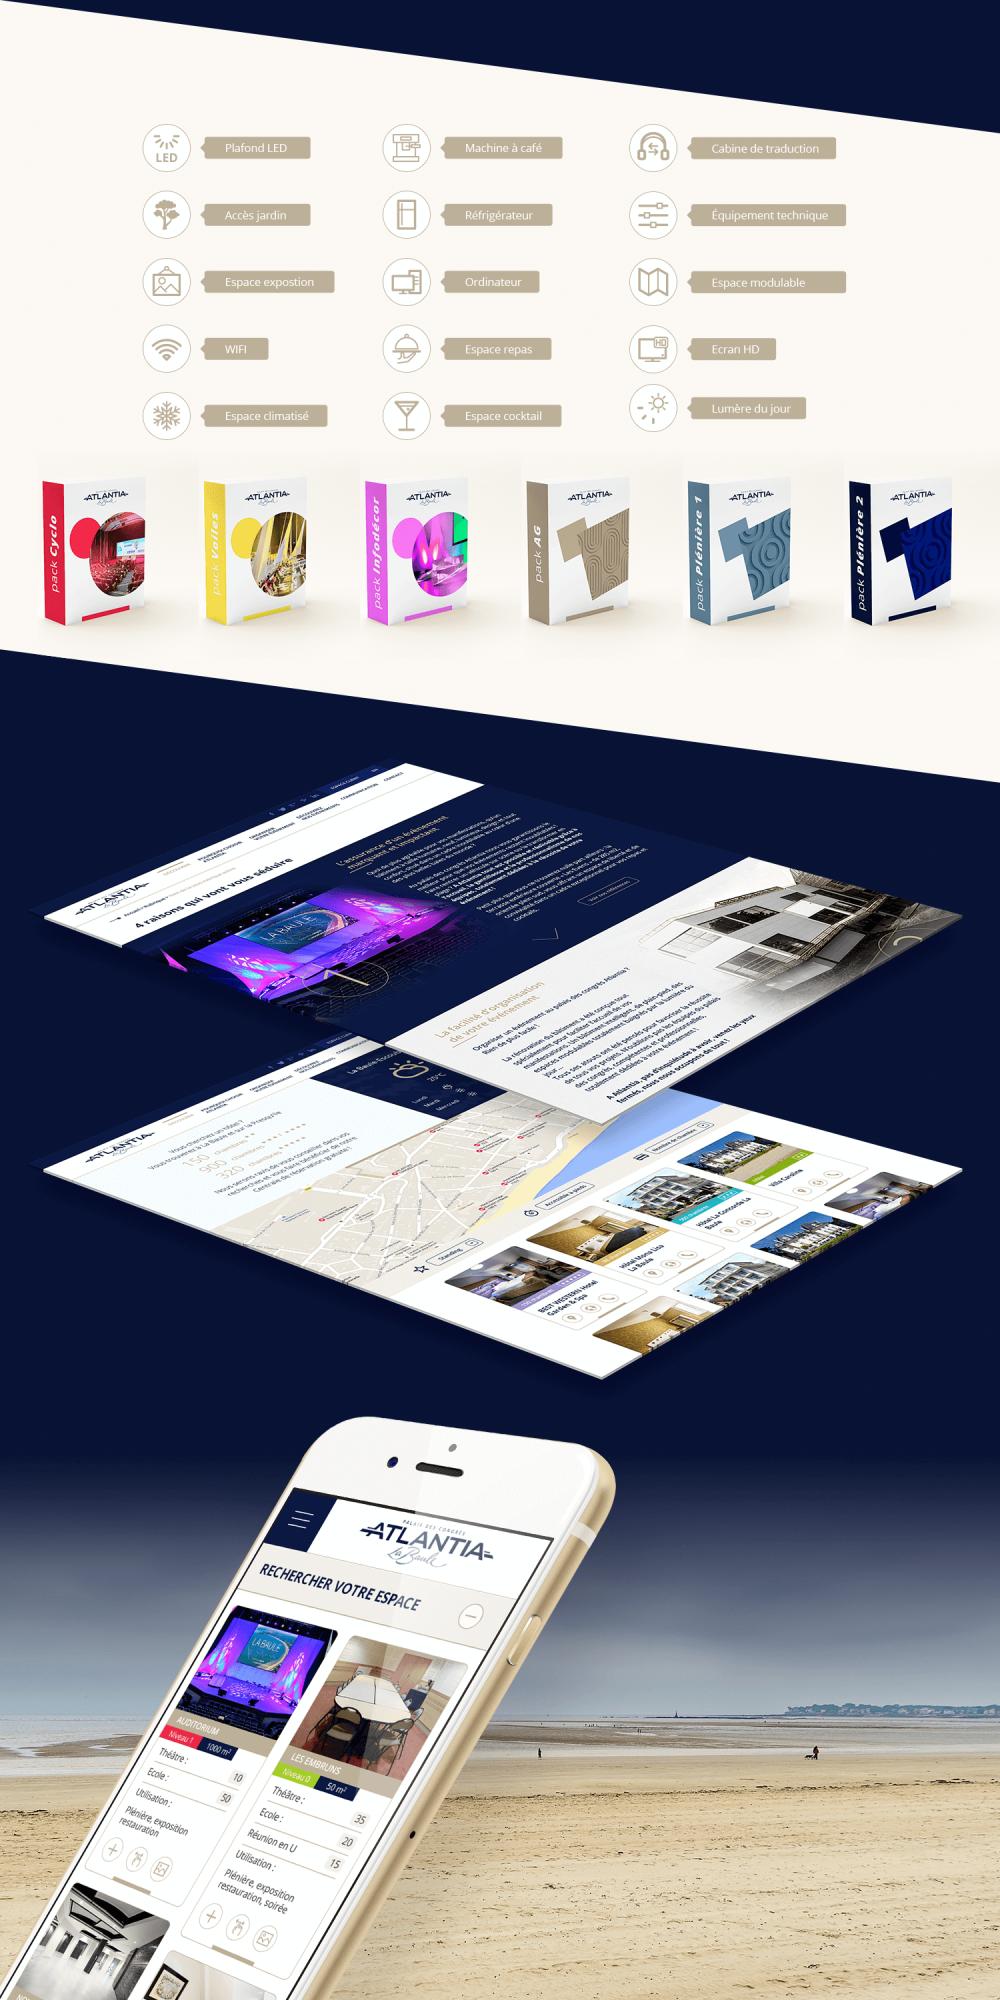 Site internet du Palais des Congrès Atlantia - La Baule